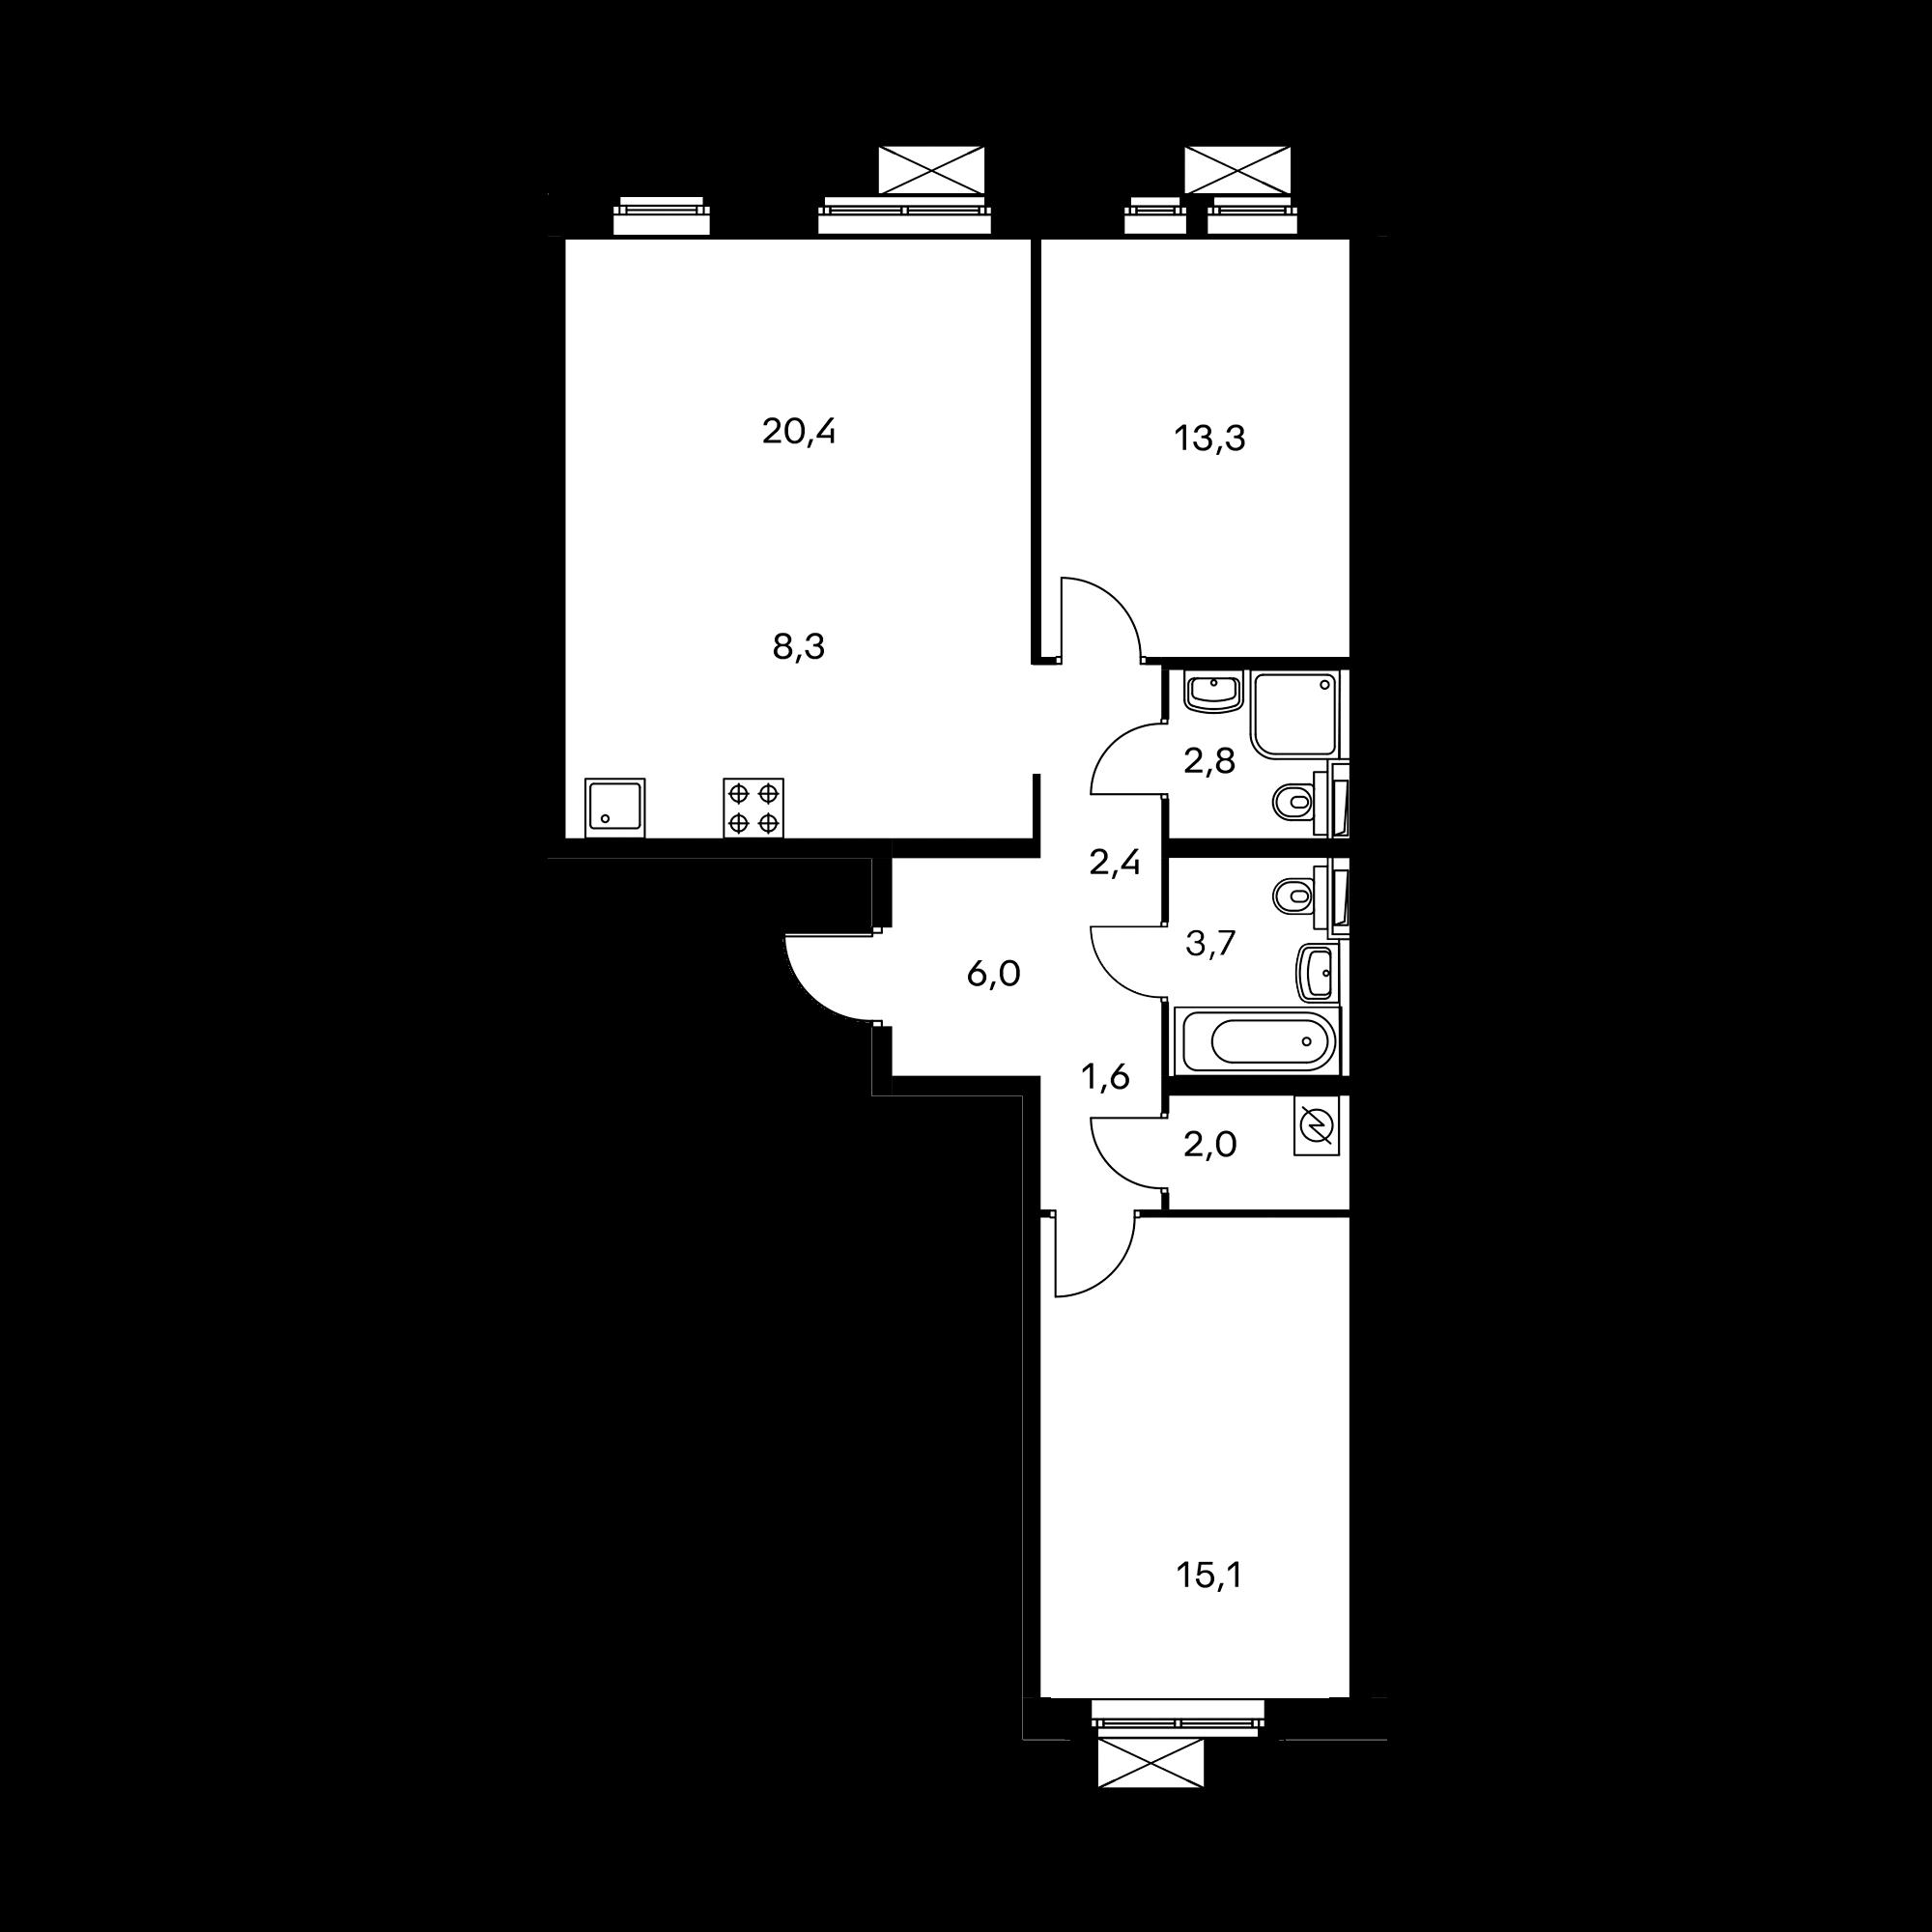 3NM12_8.1-1_T_Z1